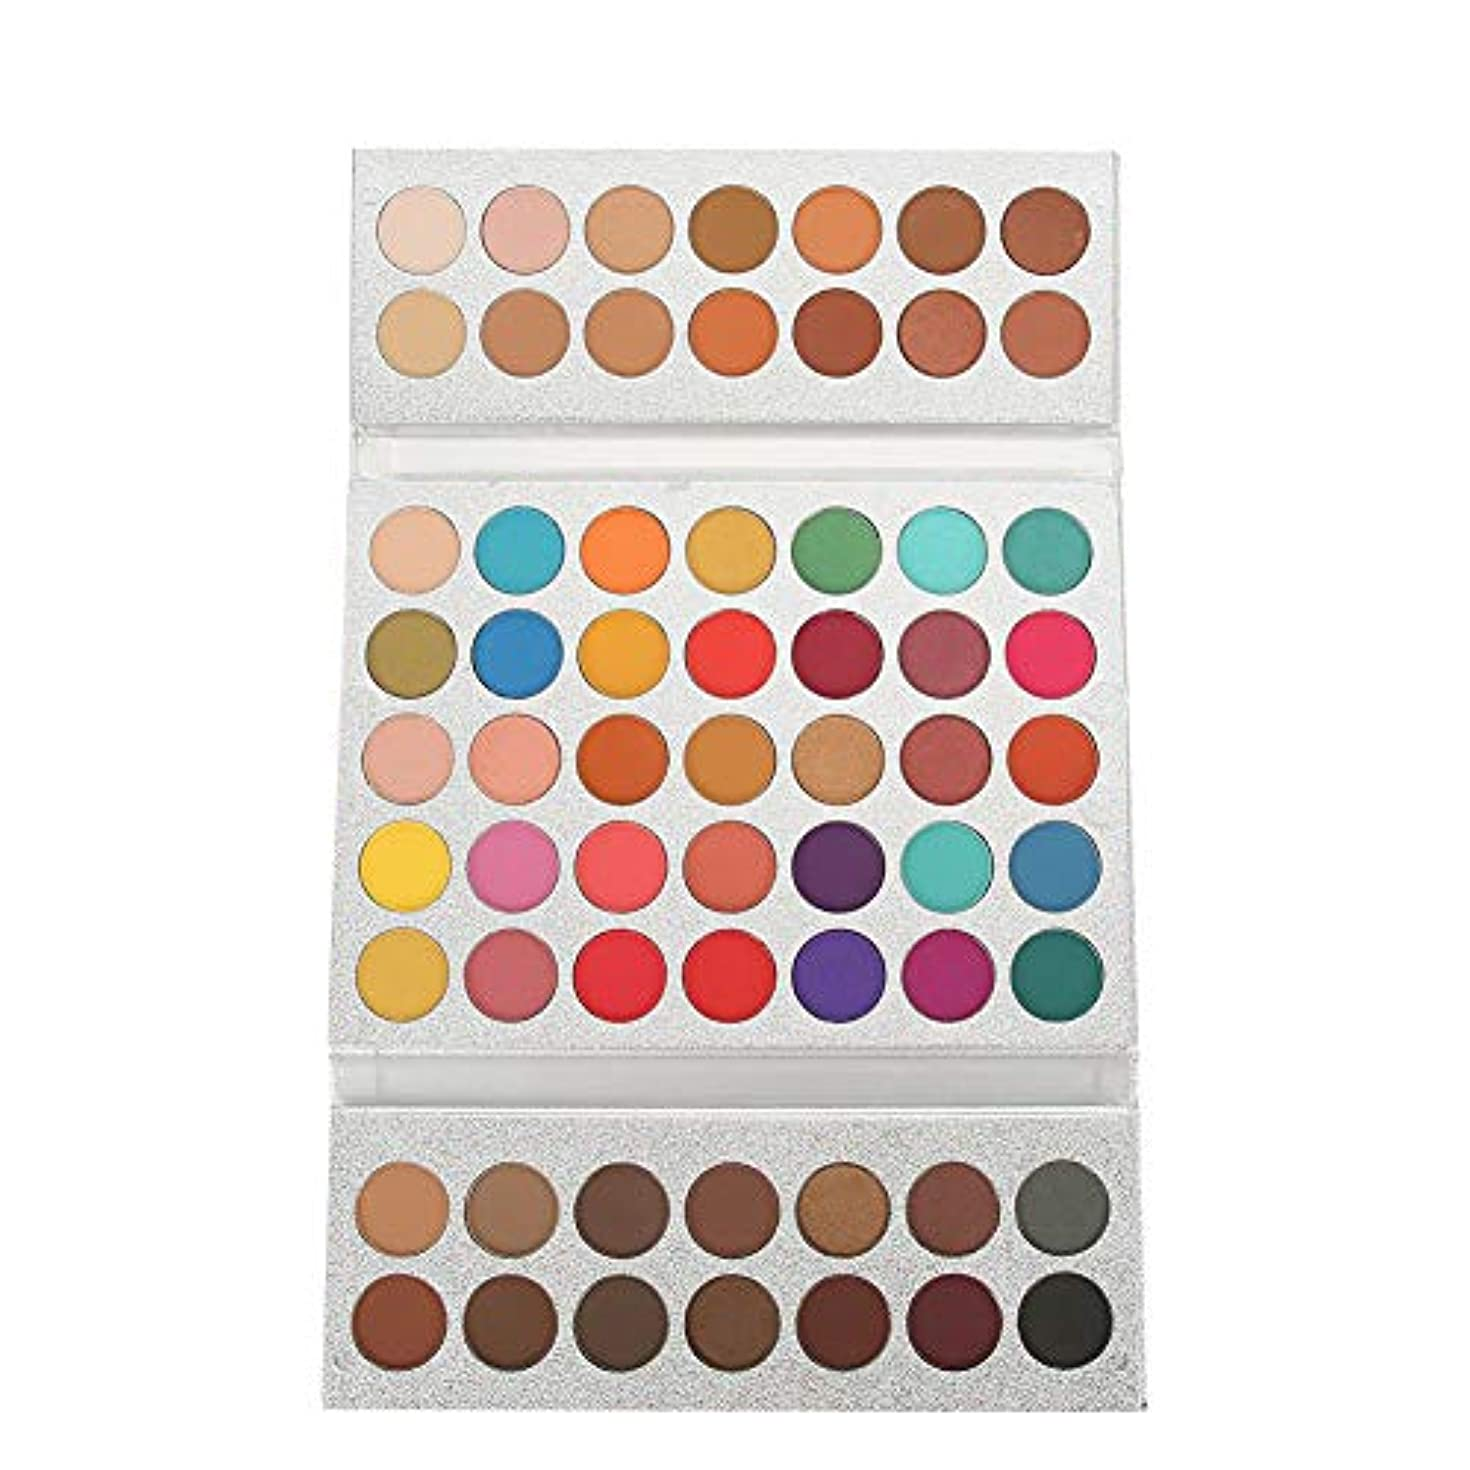 ピービッシュ貼り直すとても多くのアイシャドウパレット63色、美容真珠光沢マットアイ化粧品メイクアップパレット